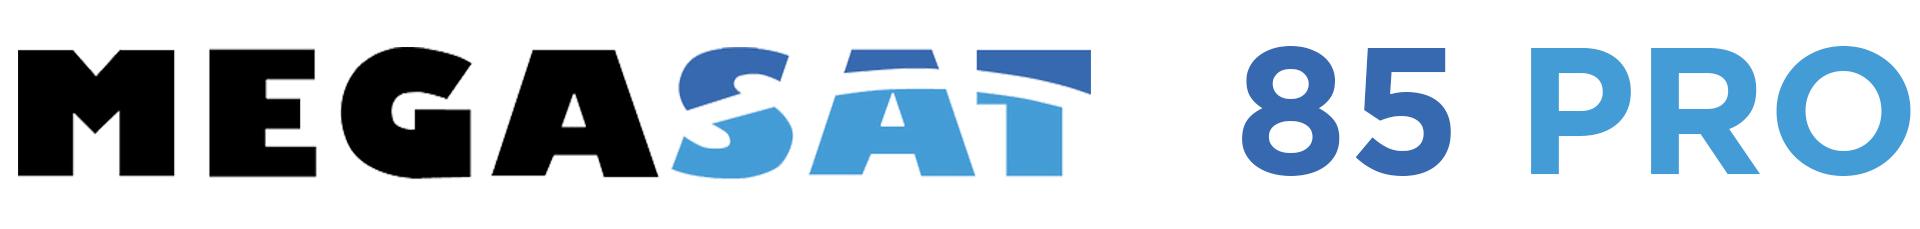 Antena parabólica para autocaravanas logo